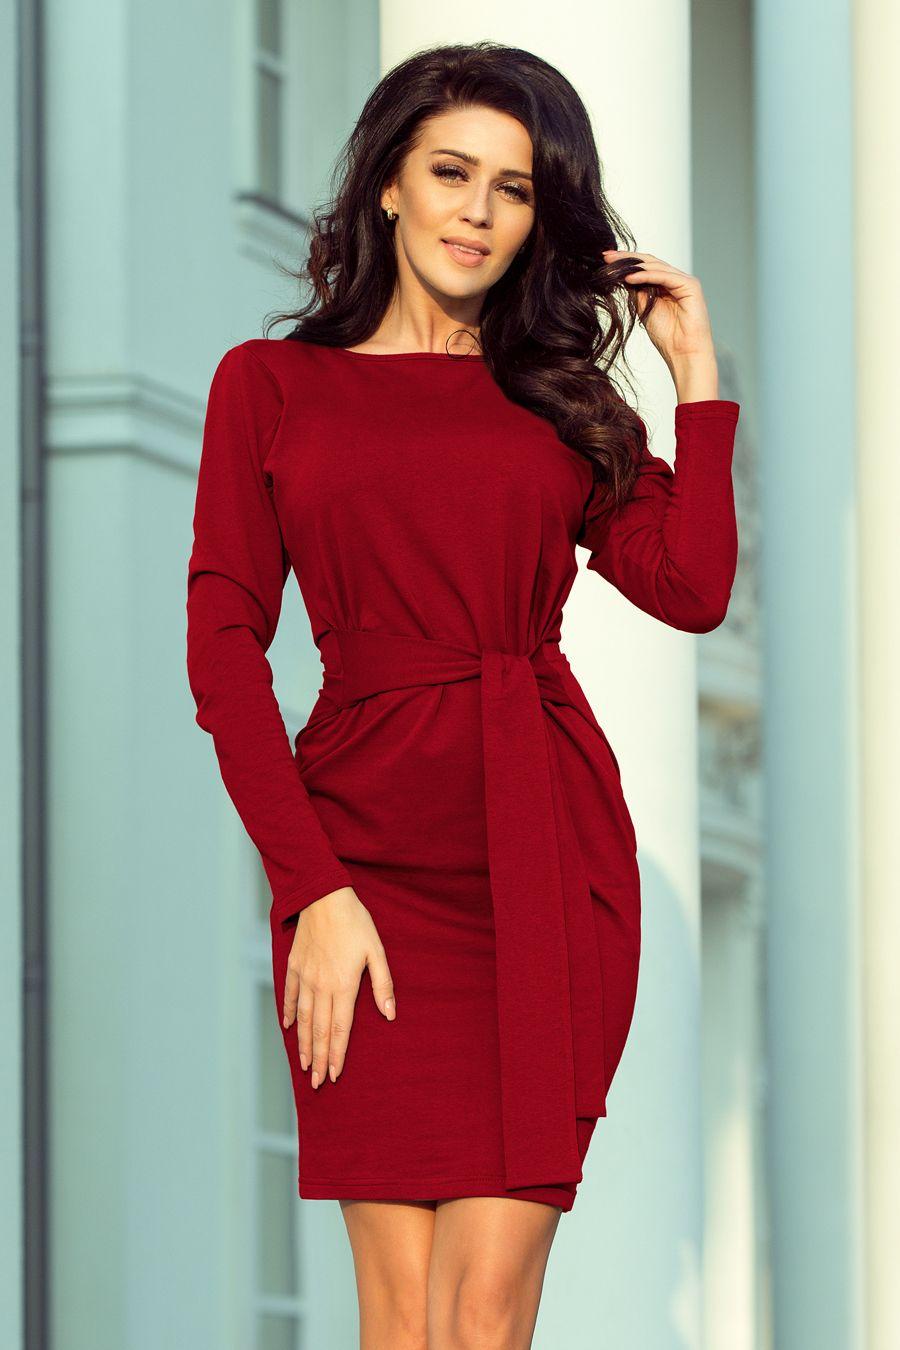 81c04867ec Śliczna bordowa dresowa sukienka z wiązaniem w pasie - bardzo wygodna  )  polski producent i hurtownia odzieży damskiej numoco. Dropshipping.